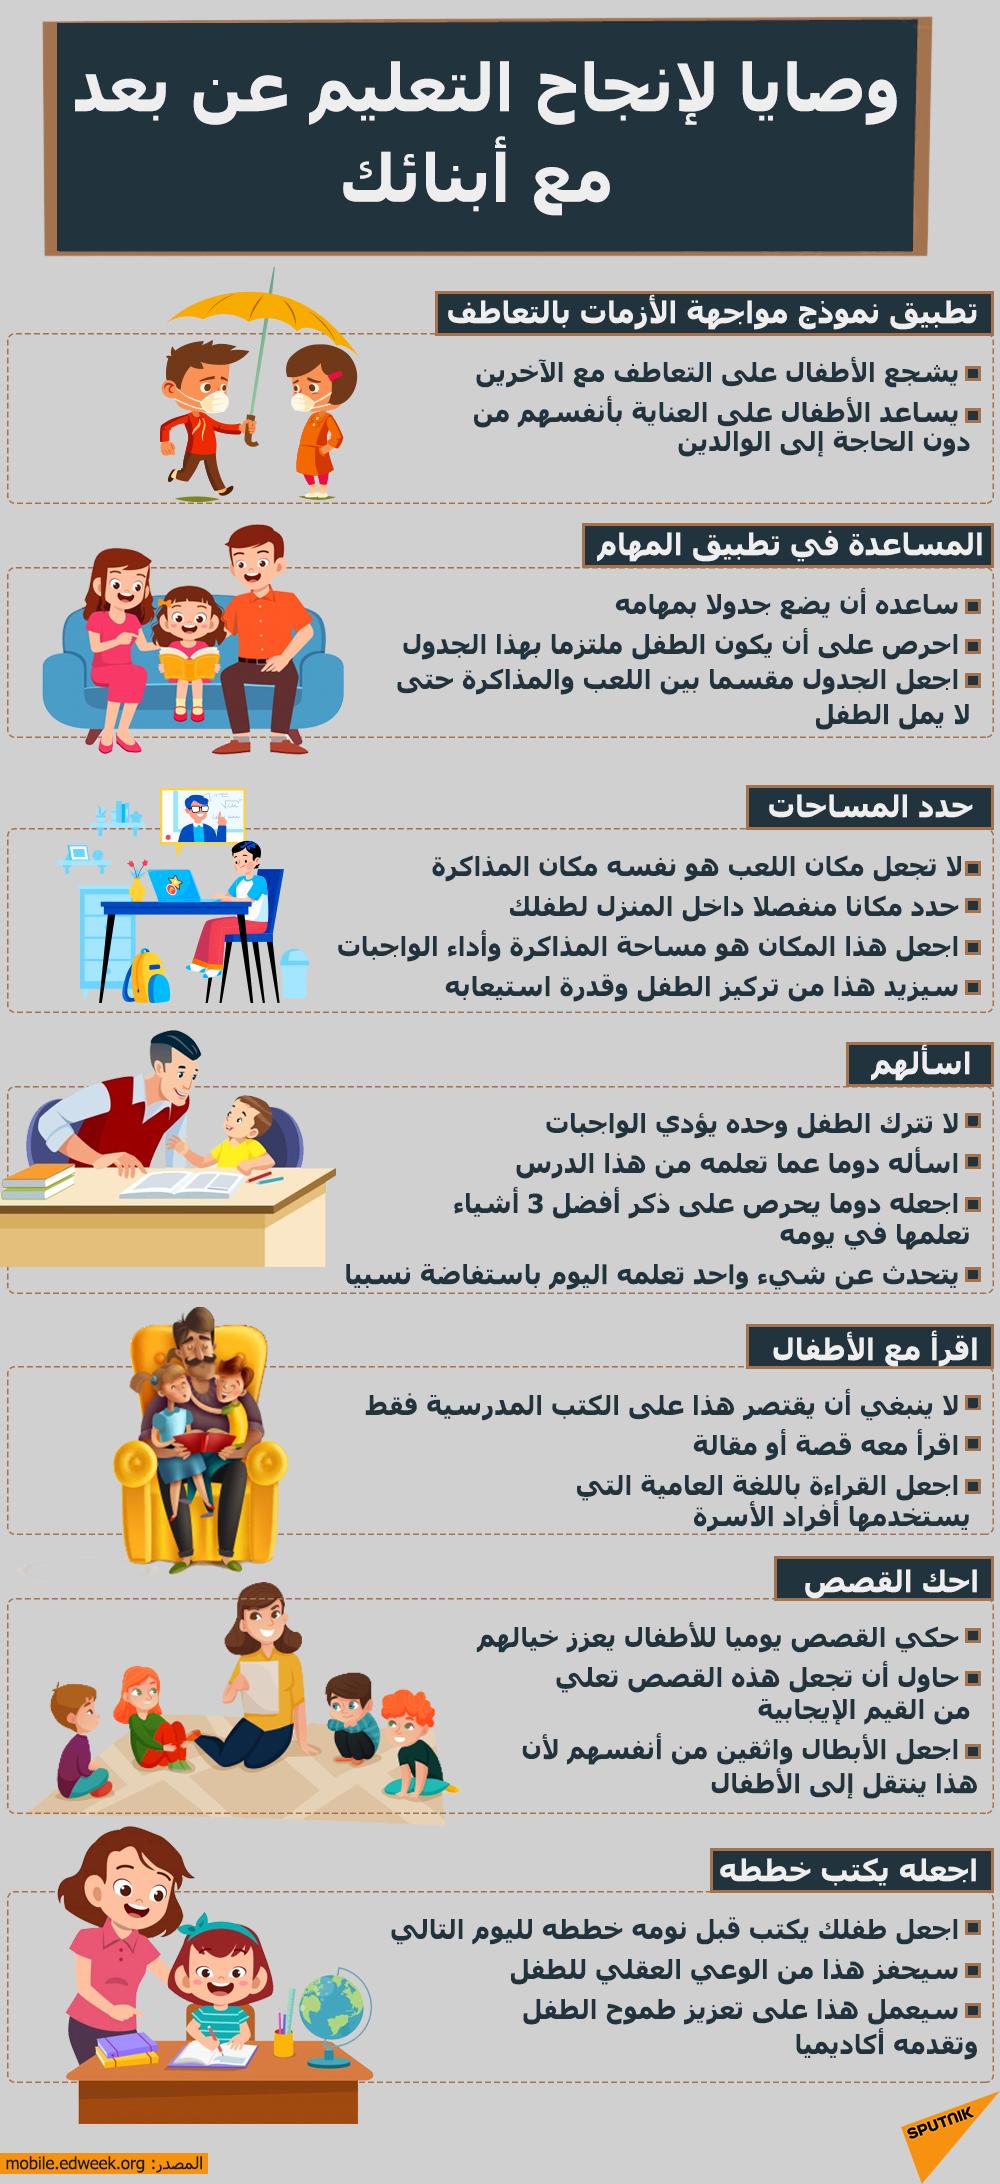 وصايا لإنجاح التعليم عن بعد مع أبنائك